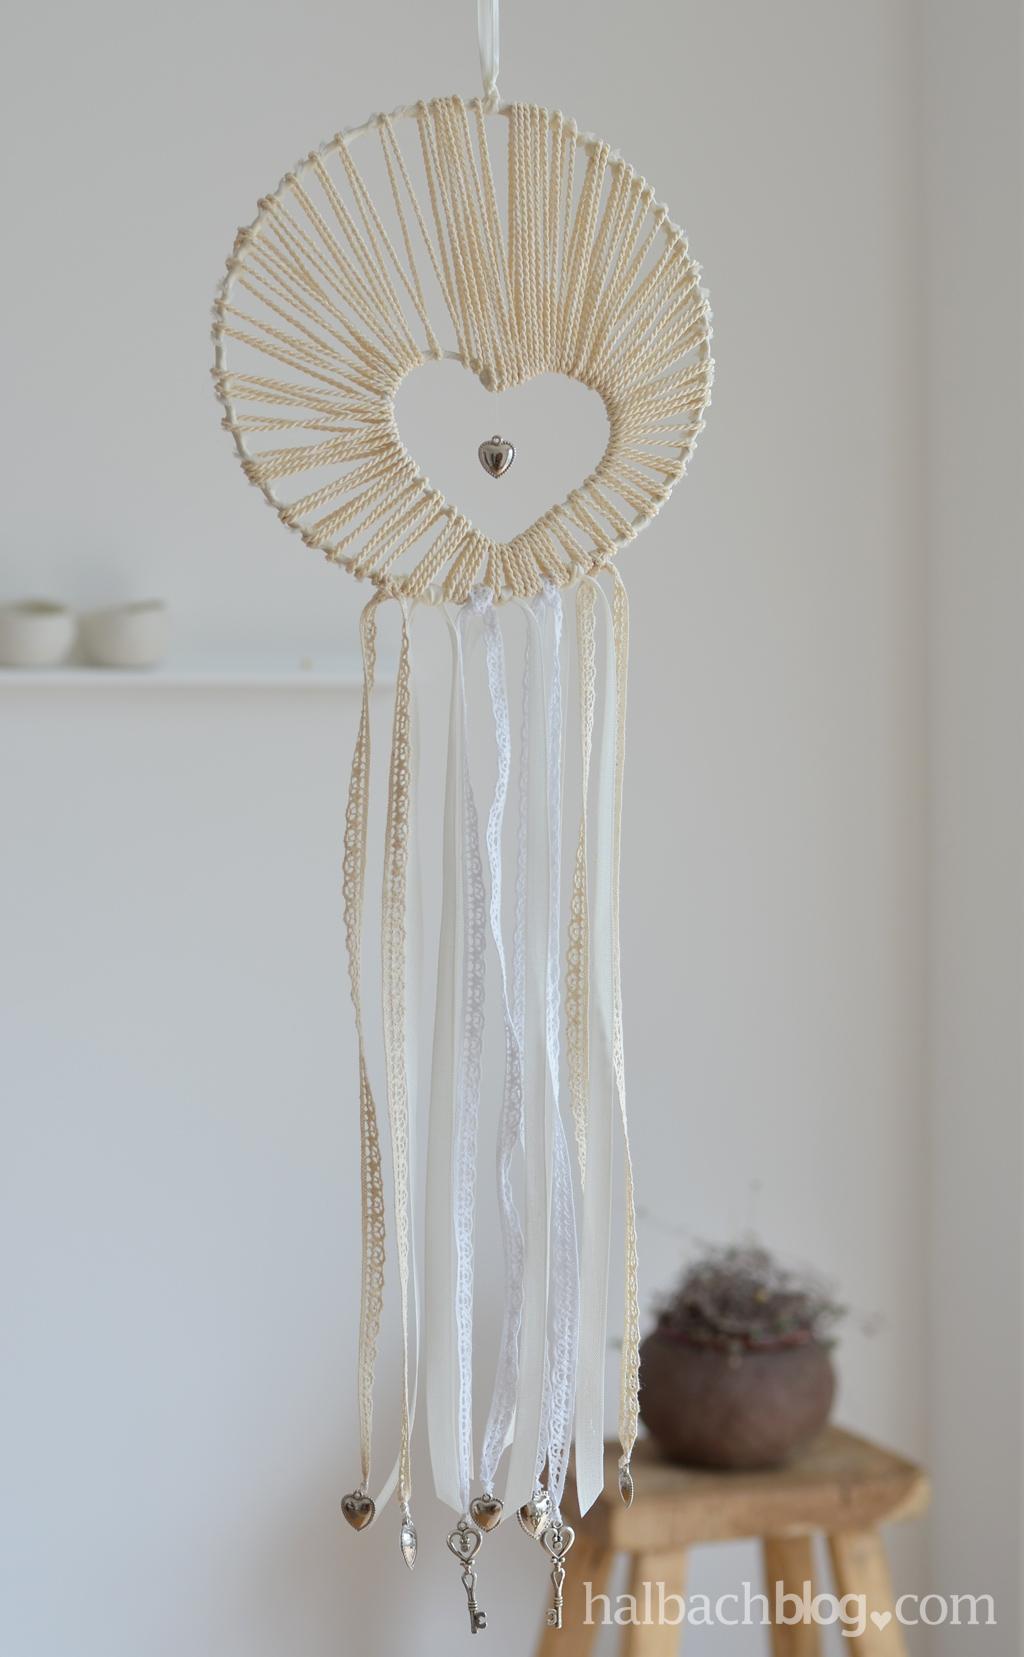 DIY-Idee halbachblog: Traumfänger basteln mit Herz aus Kordel, Spitze, Bändern und Accessoires in Natur und Weiß